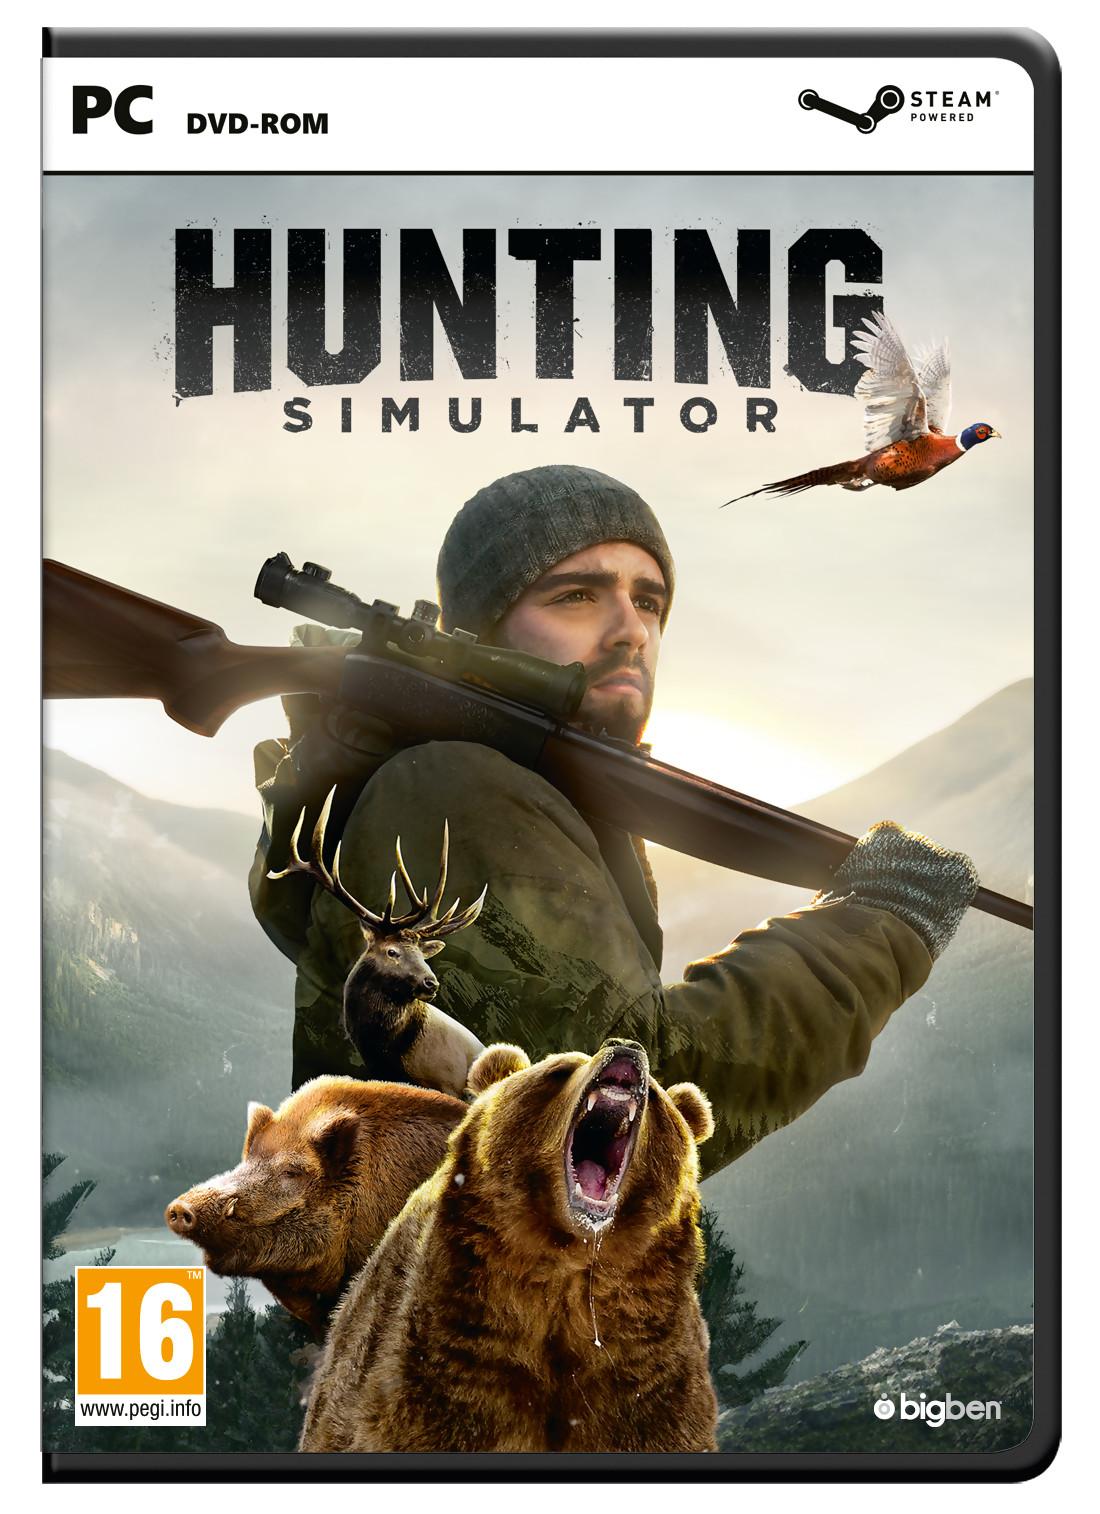 Hunting Simulator Toutes Les Images Du Jeu De Chasse De